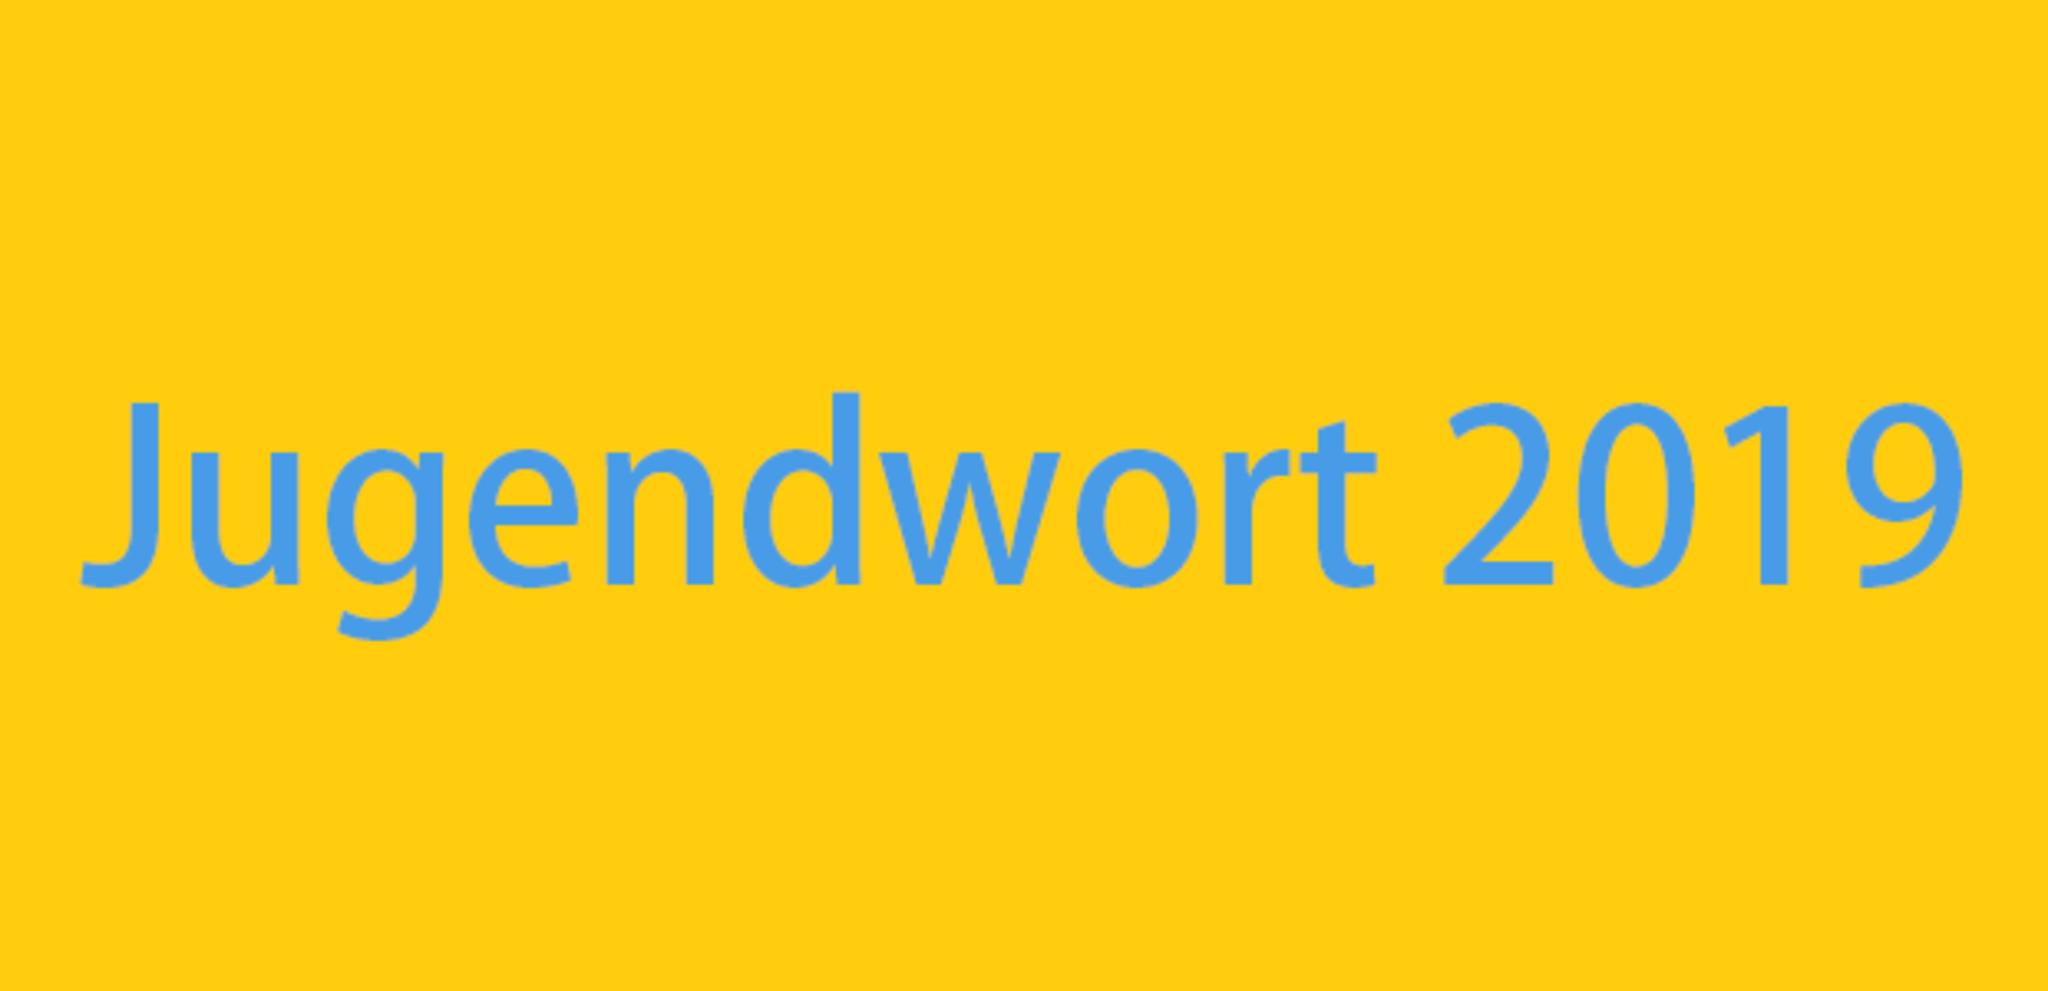 Jugendwort 2019 Mogliche Kandidaten Fur Die Abstimmung Dortmund